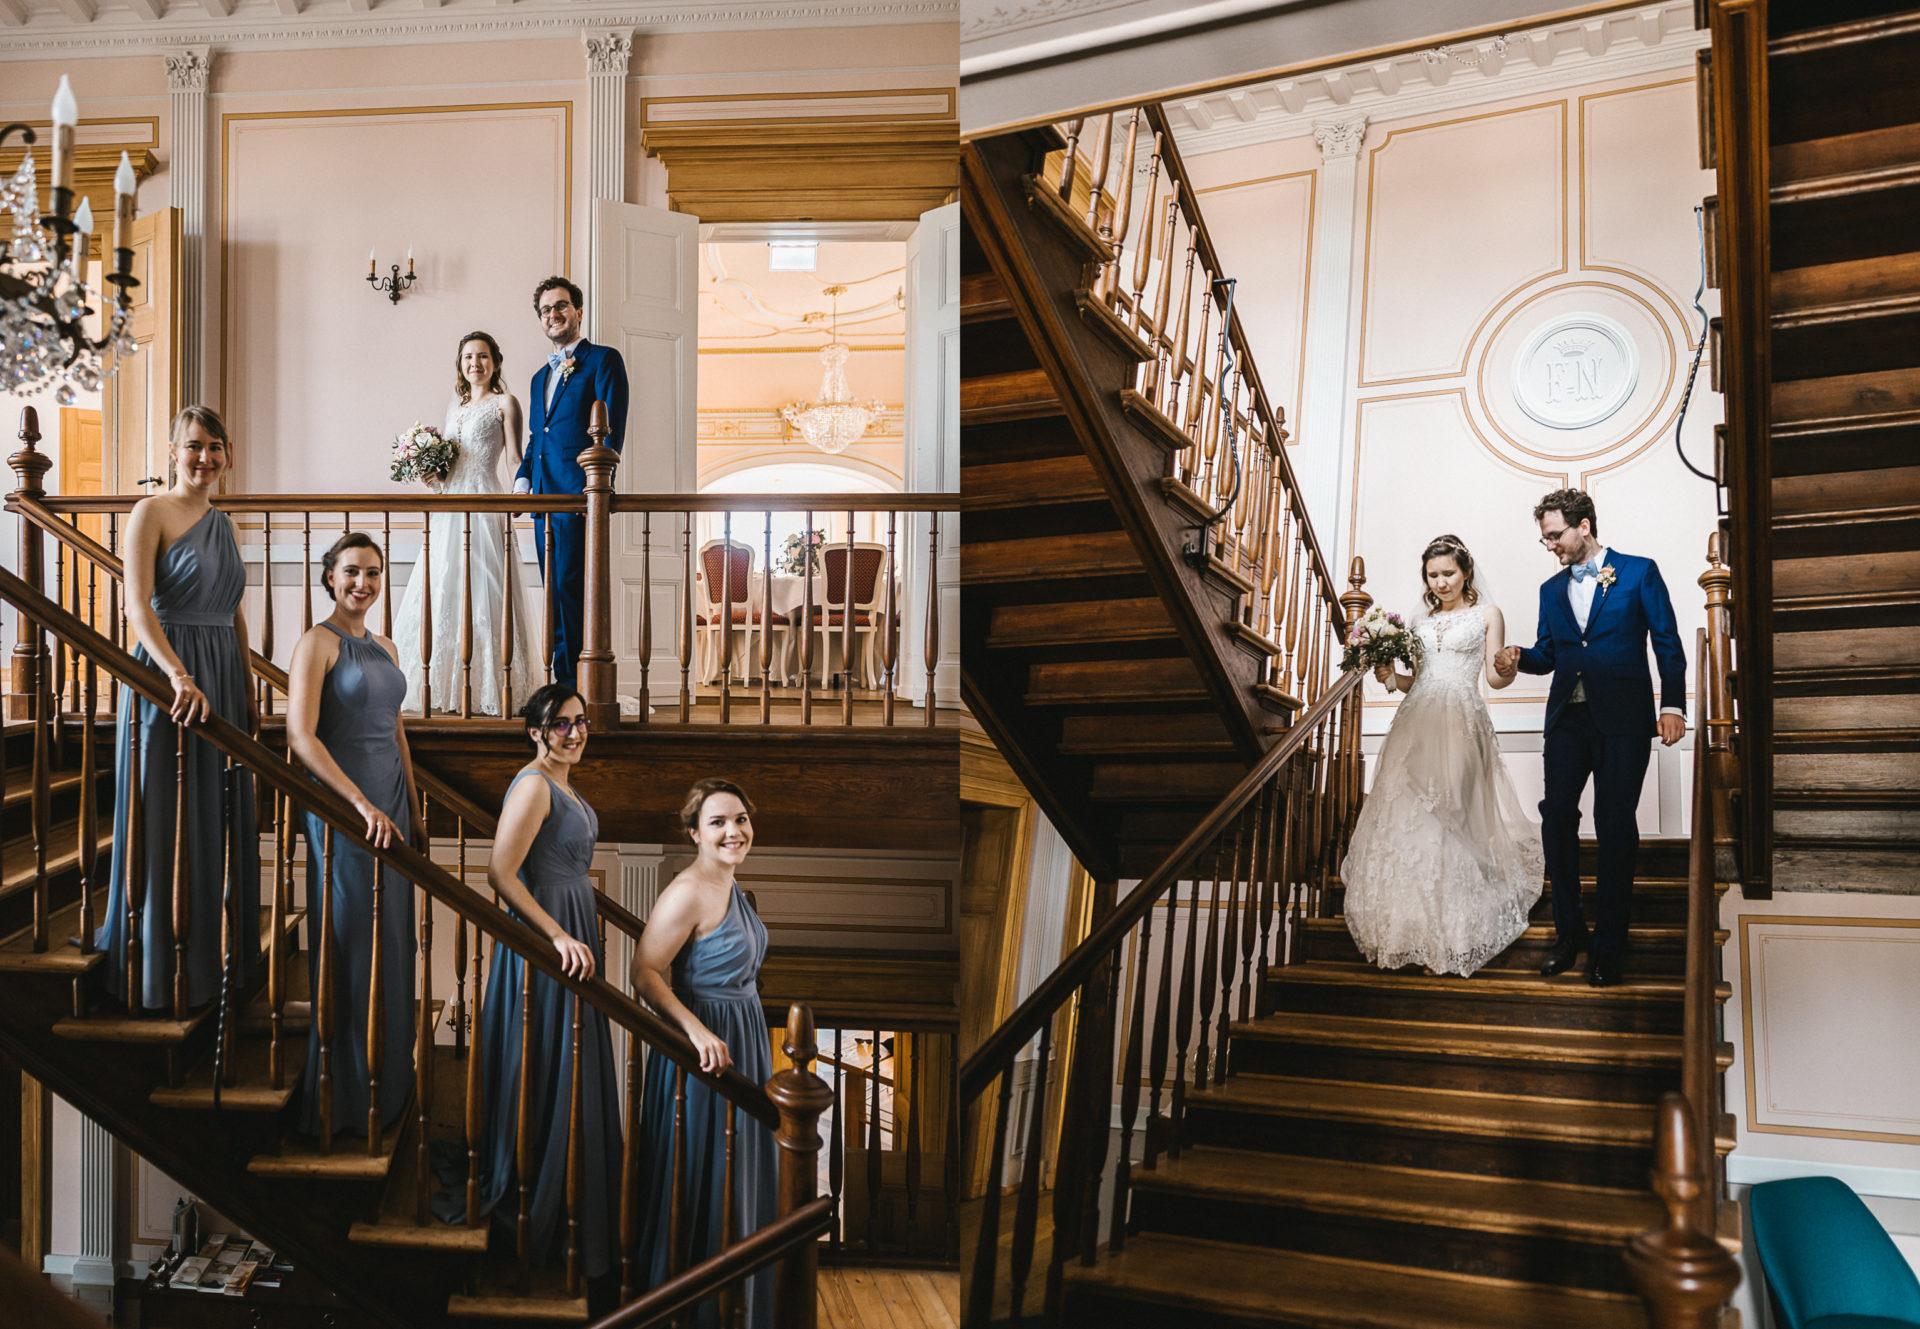 Hochzeitsreportage | Freie Trauung im Herrenhaus Möckern in Leipzig | 10